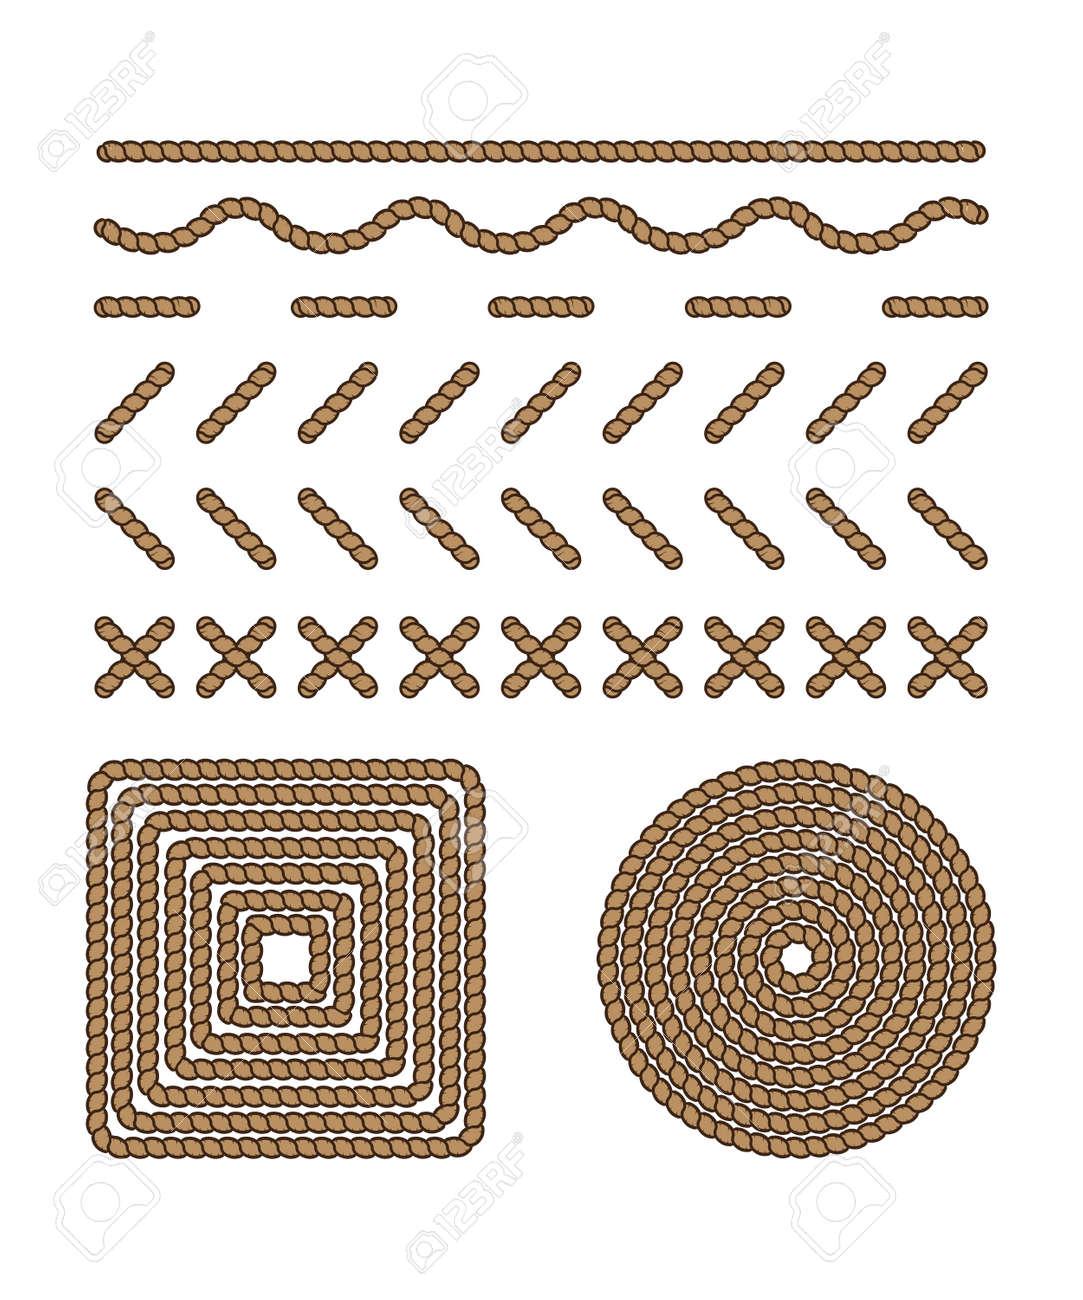 Style-Set Vorlage Stich Und Rahmen In Form Seil, Faden. Grafik ...